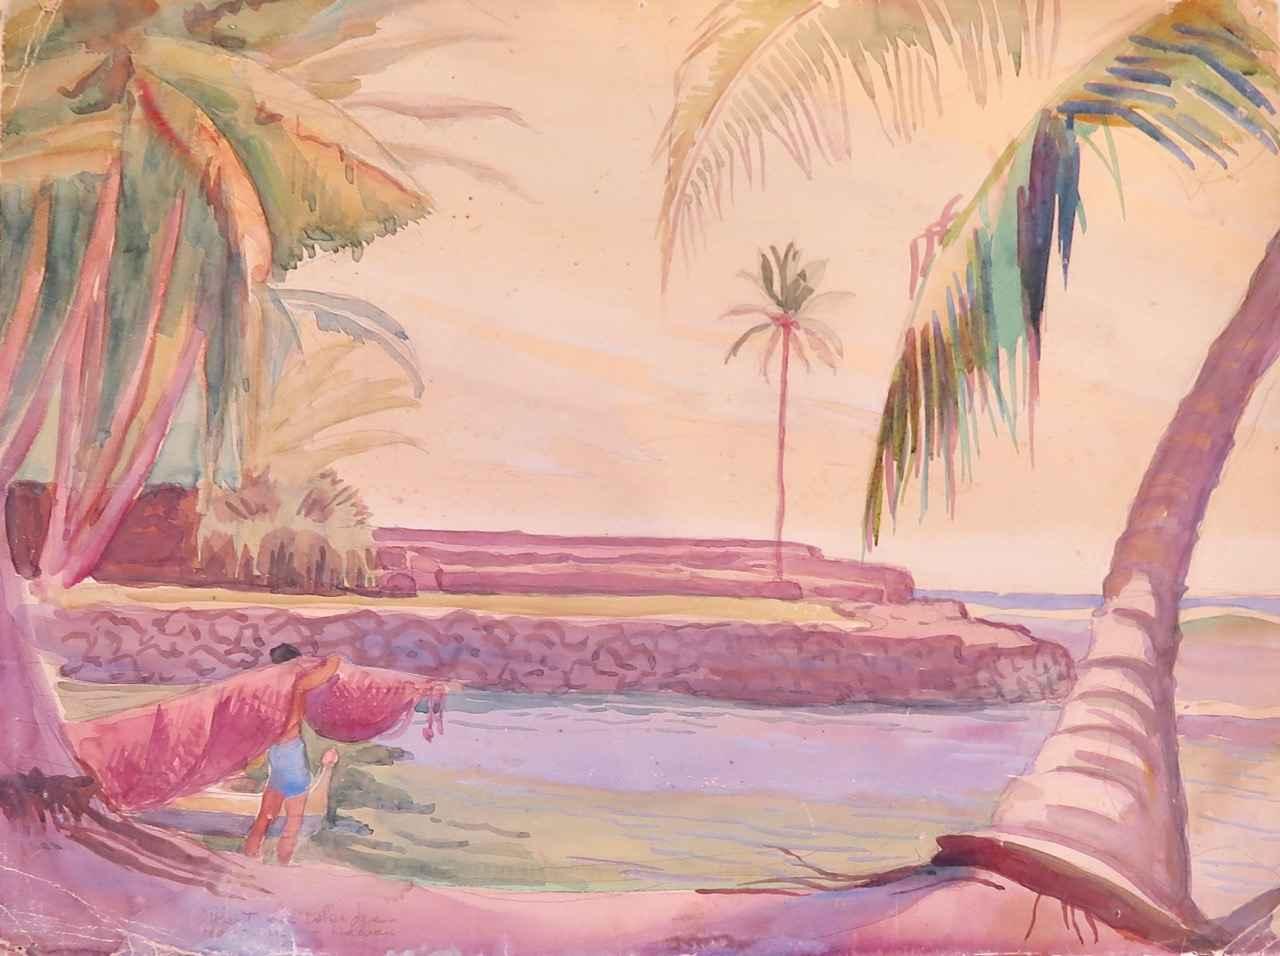 Honaunau, Hawaii by  Robert Lee Eskridge (1891-1975) - Masterpiece Online